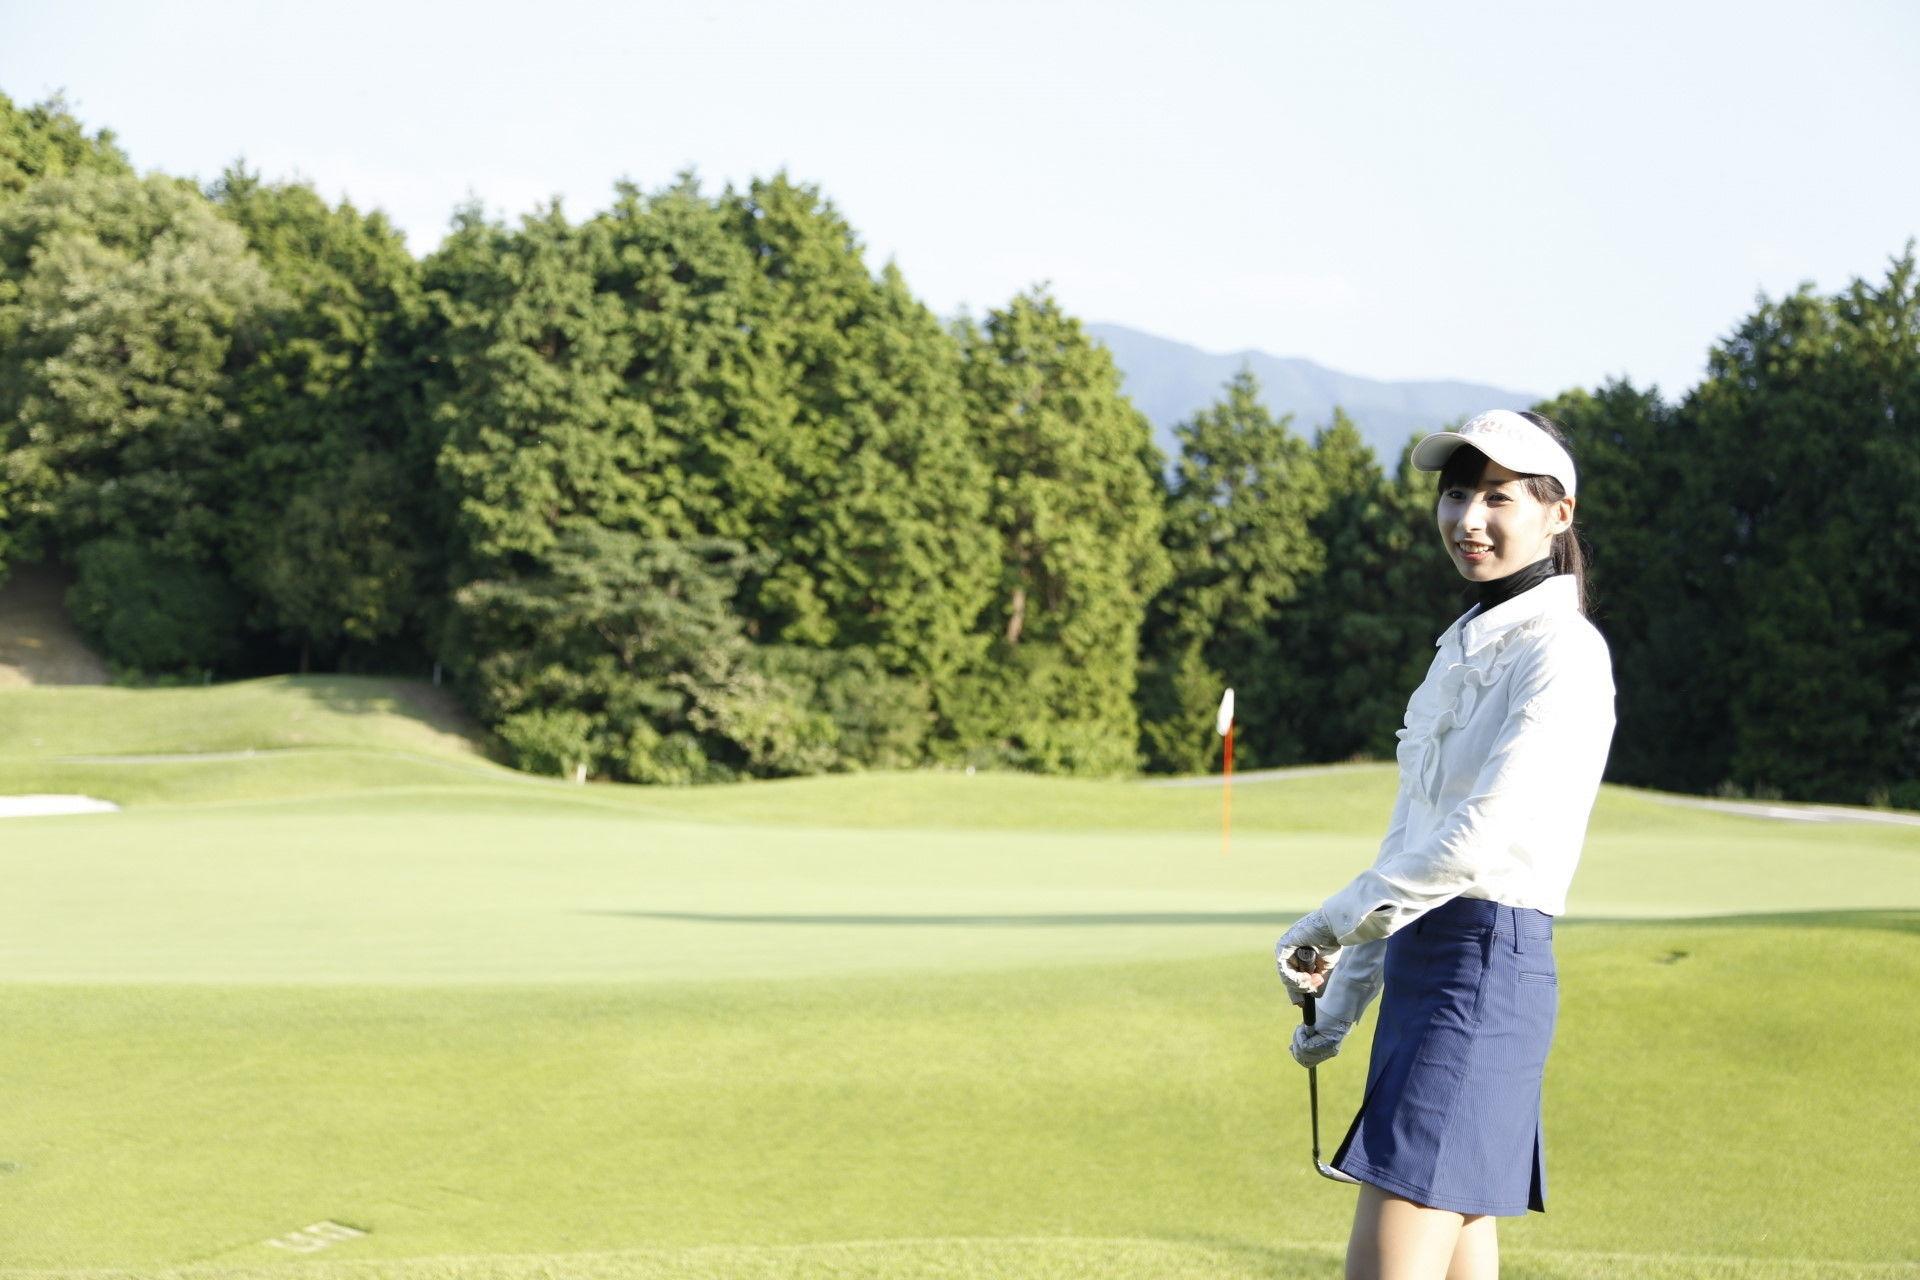 増えるか「ゴルフ場」の経営破たん コロナ禍の影響は